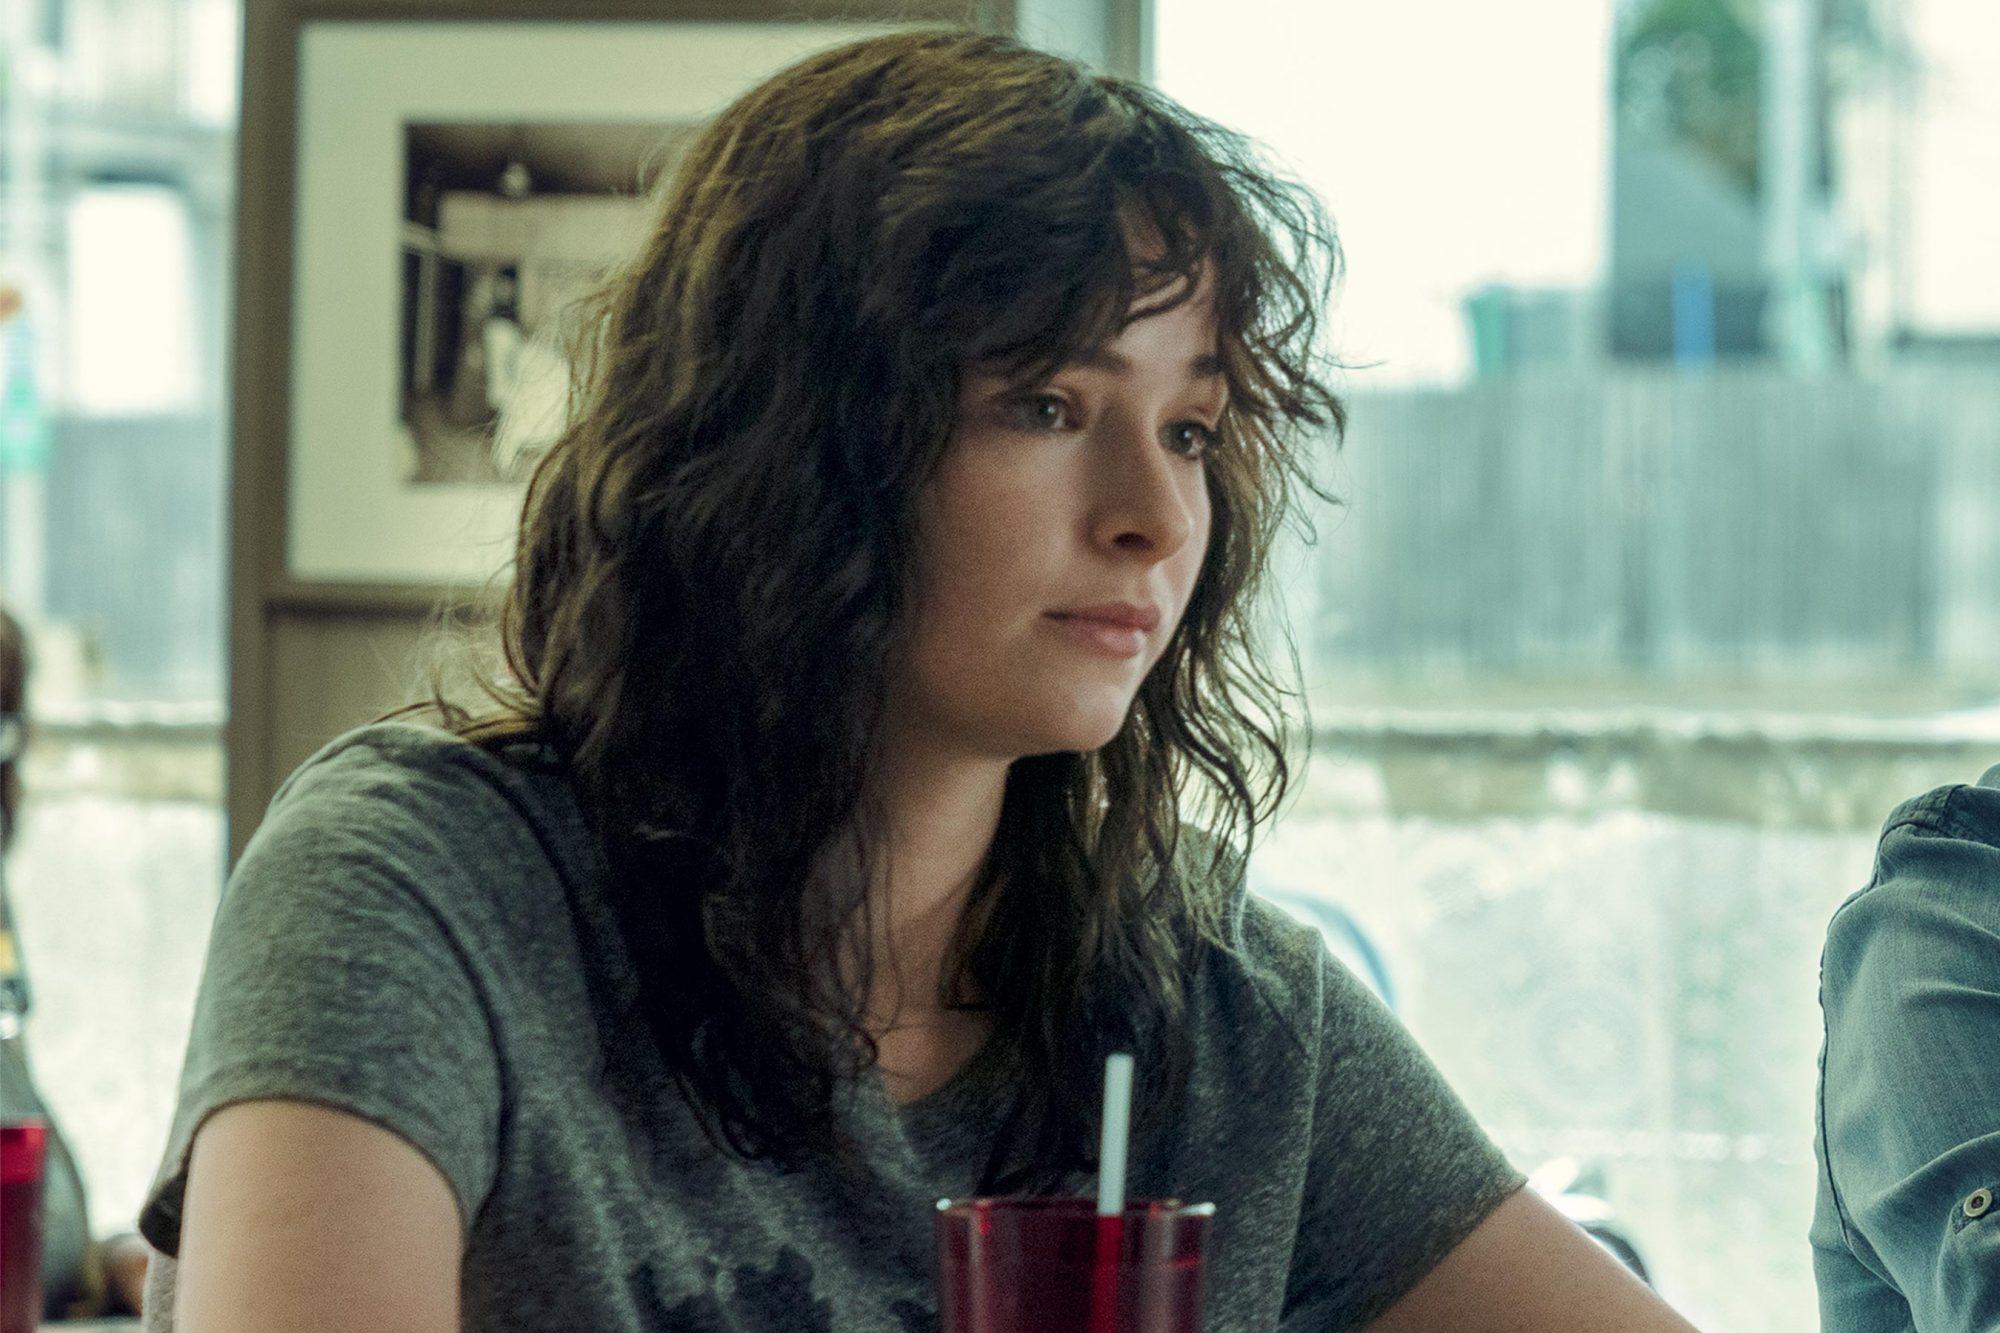 Ashleigh Cummings as Vic McQueen- NOS4A2 _ Season 1, Episode 2 - Photo Credit: Dana Starbard/AMC